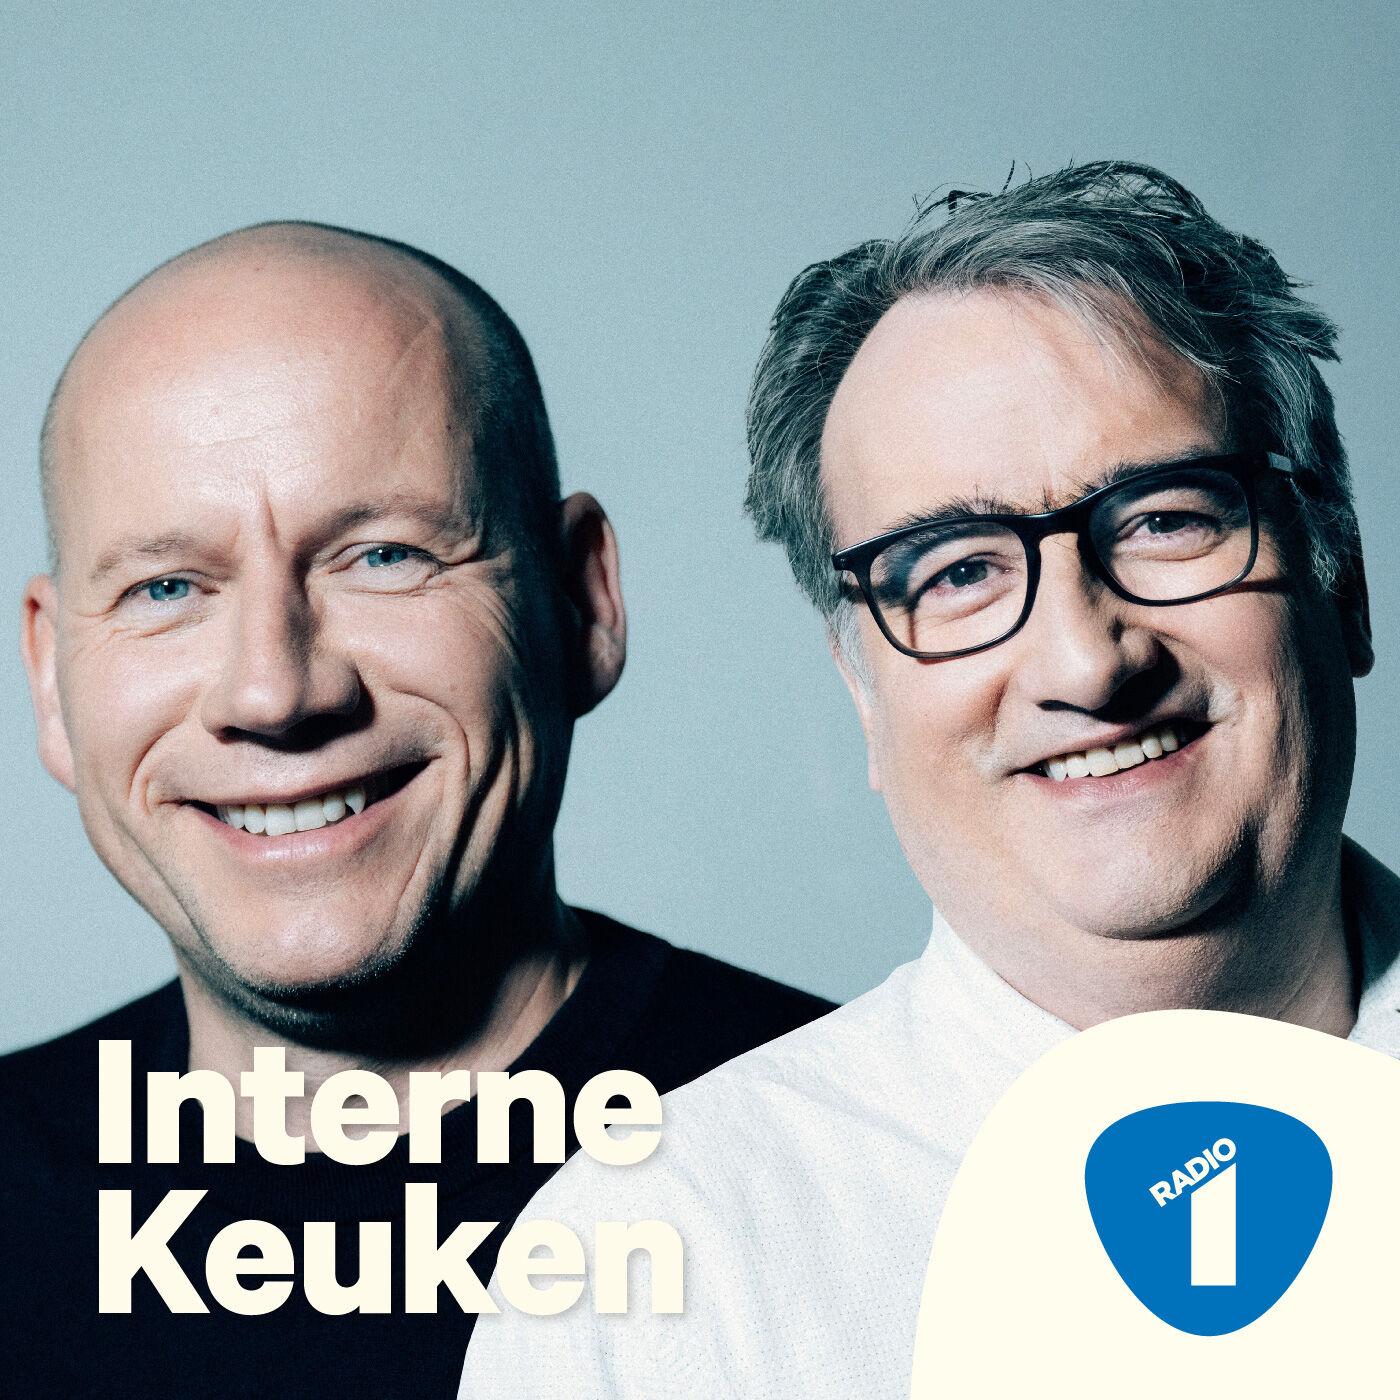 Interne Keuken logo